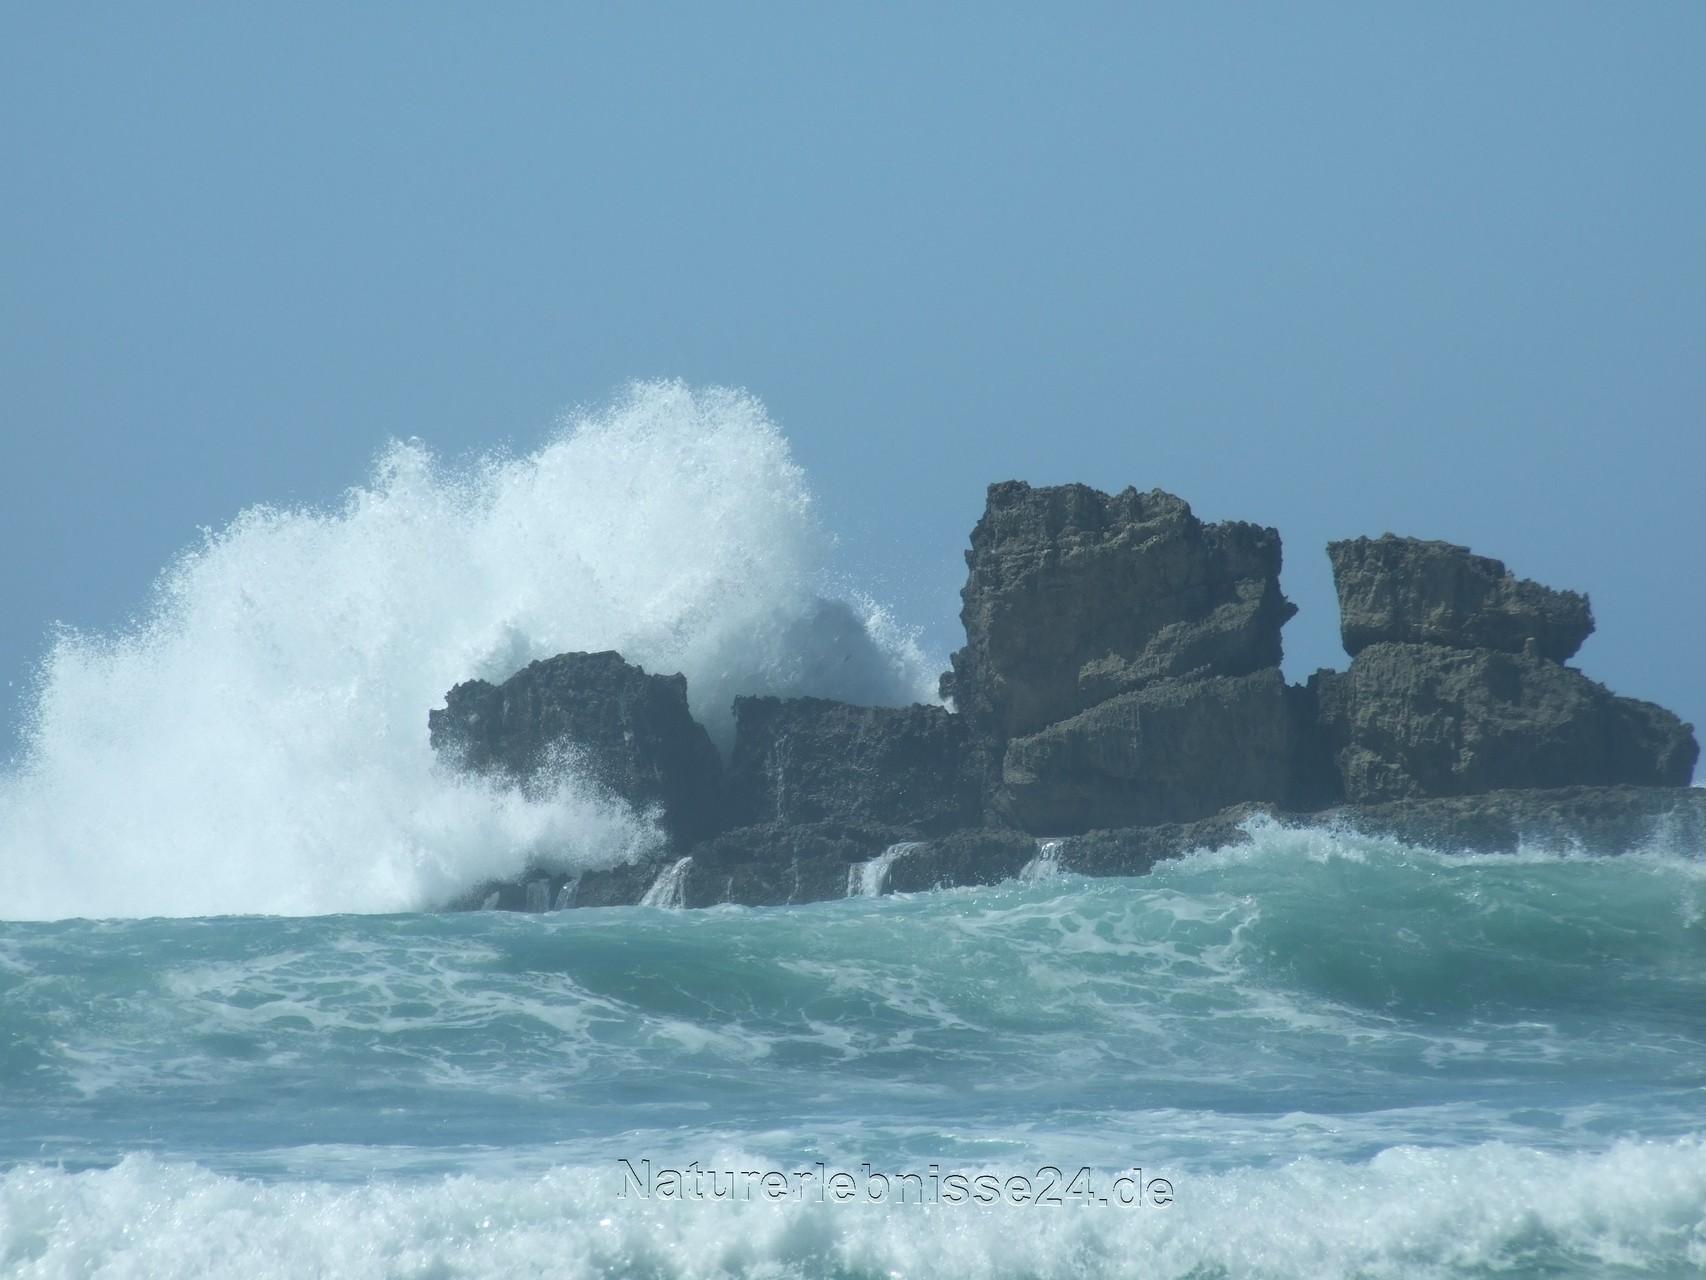 Die Gewalt der Wellen